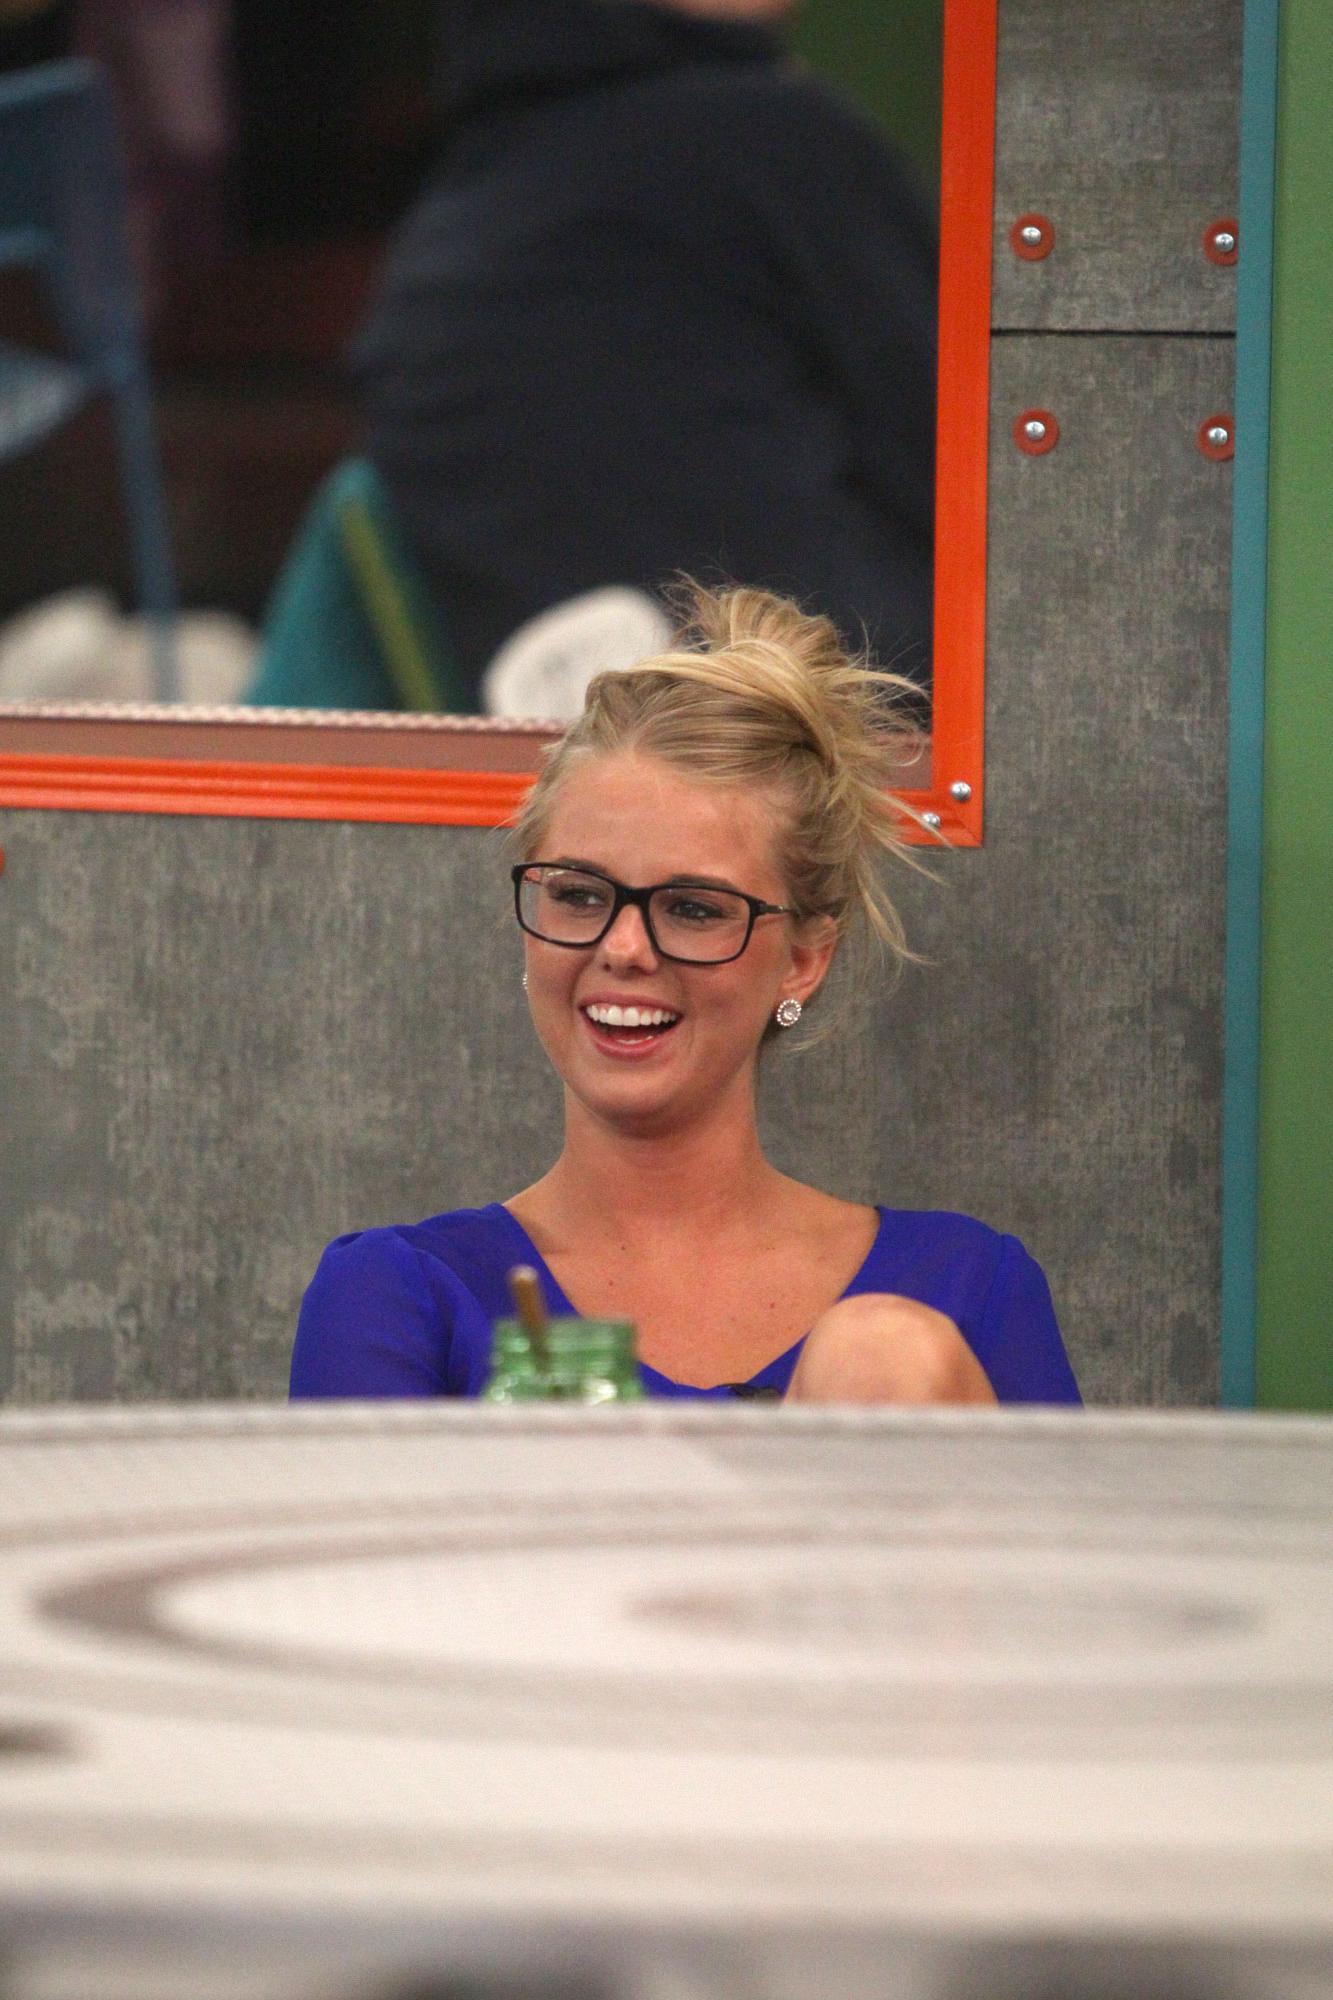 Nicole laughs